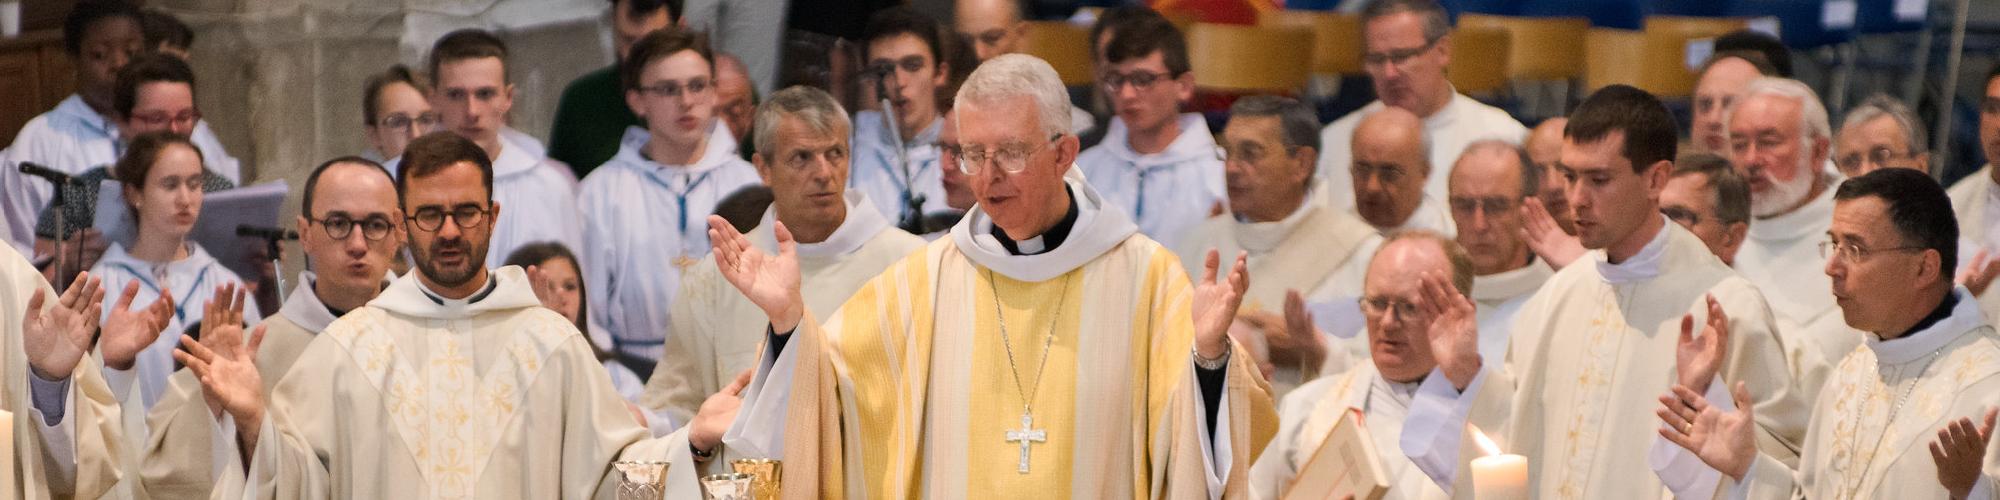 Retraite pour les prêtres